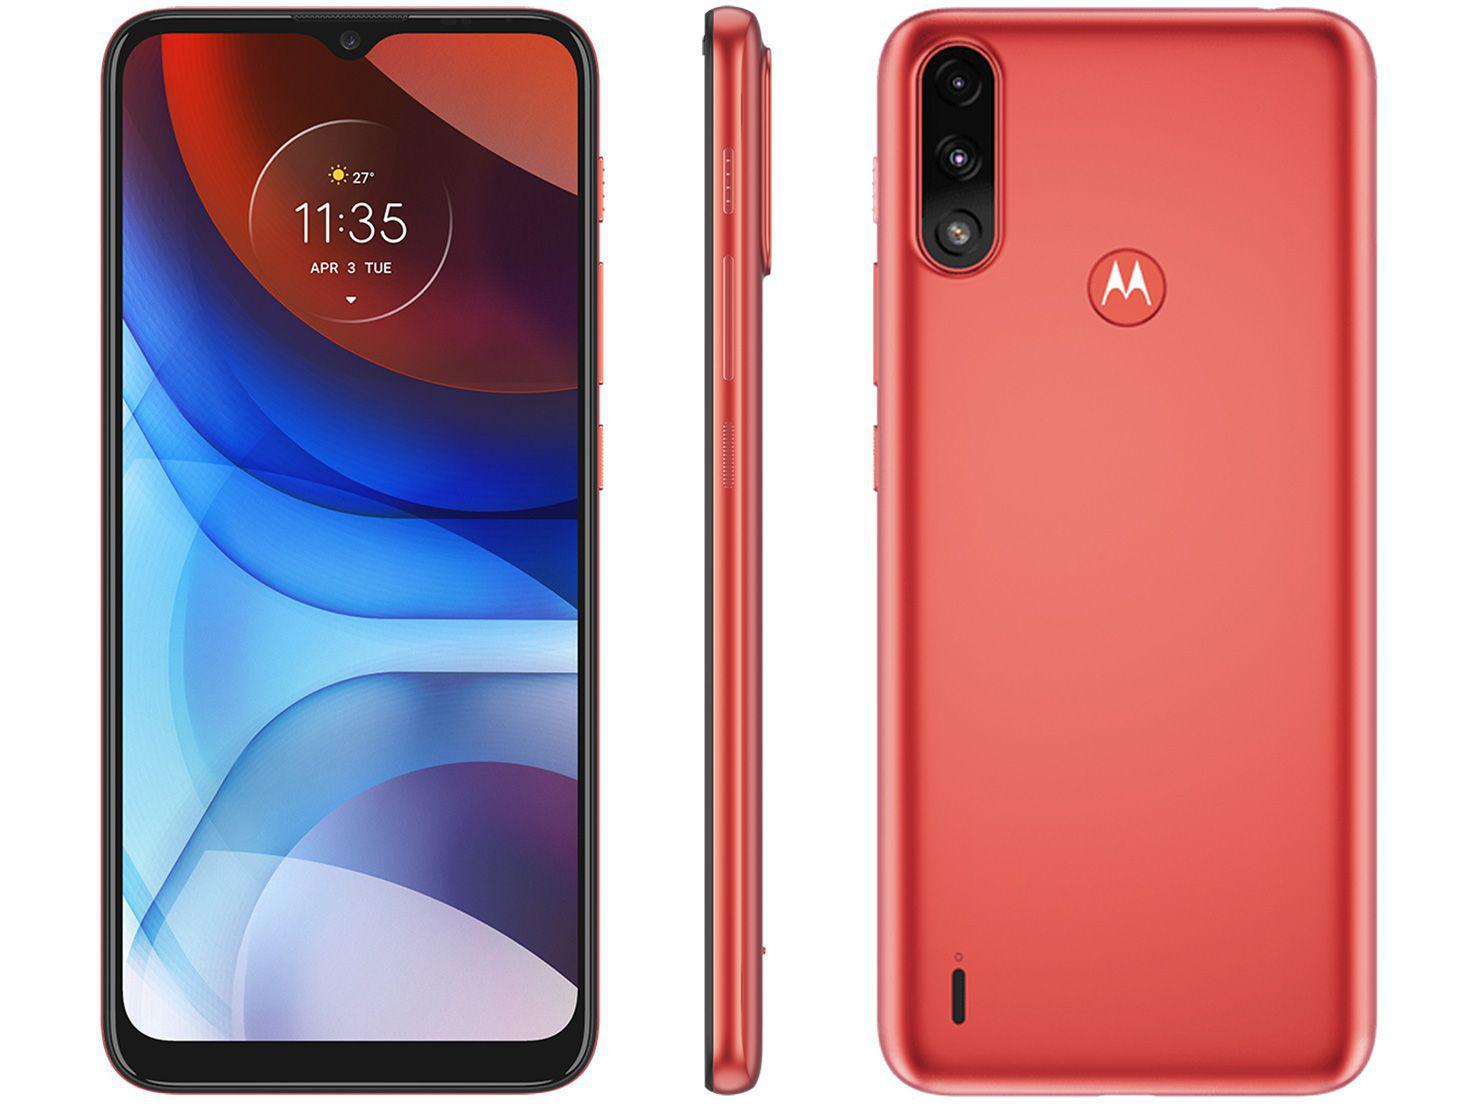 """Smartphone Motorola Moto E7 Power 32GB Vermelho - Coral 4G 2GB RAM Tela 6,5"""" Câm. Dupla + Selfie 5MP"""